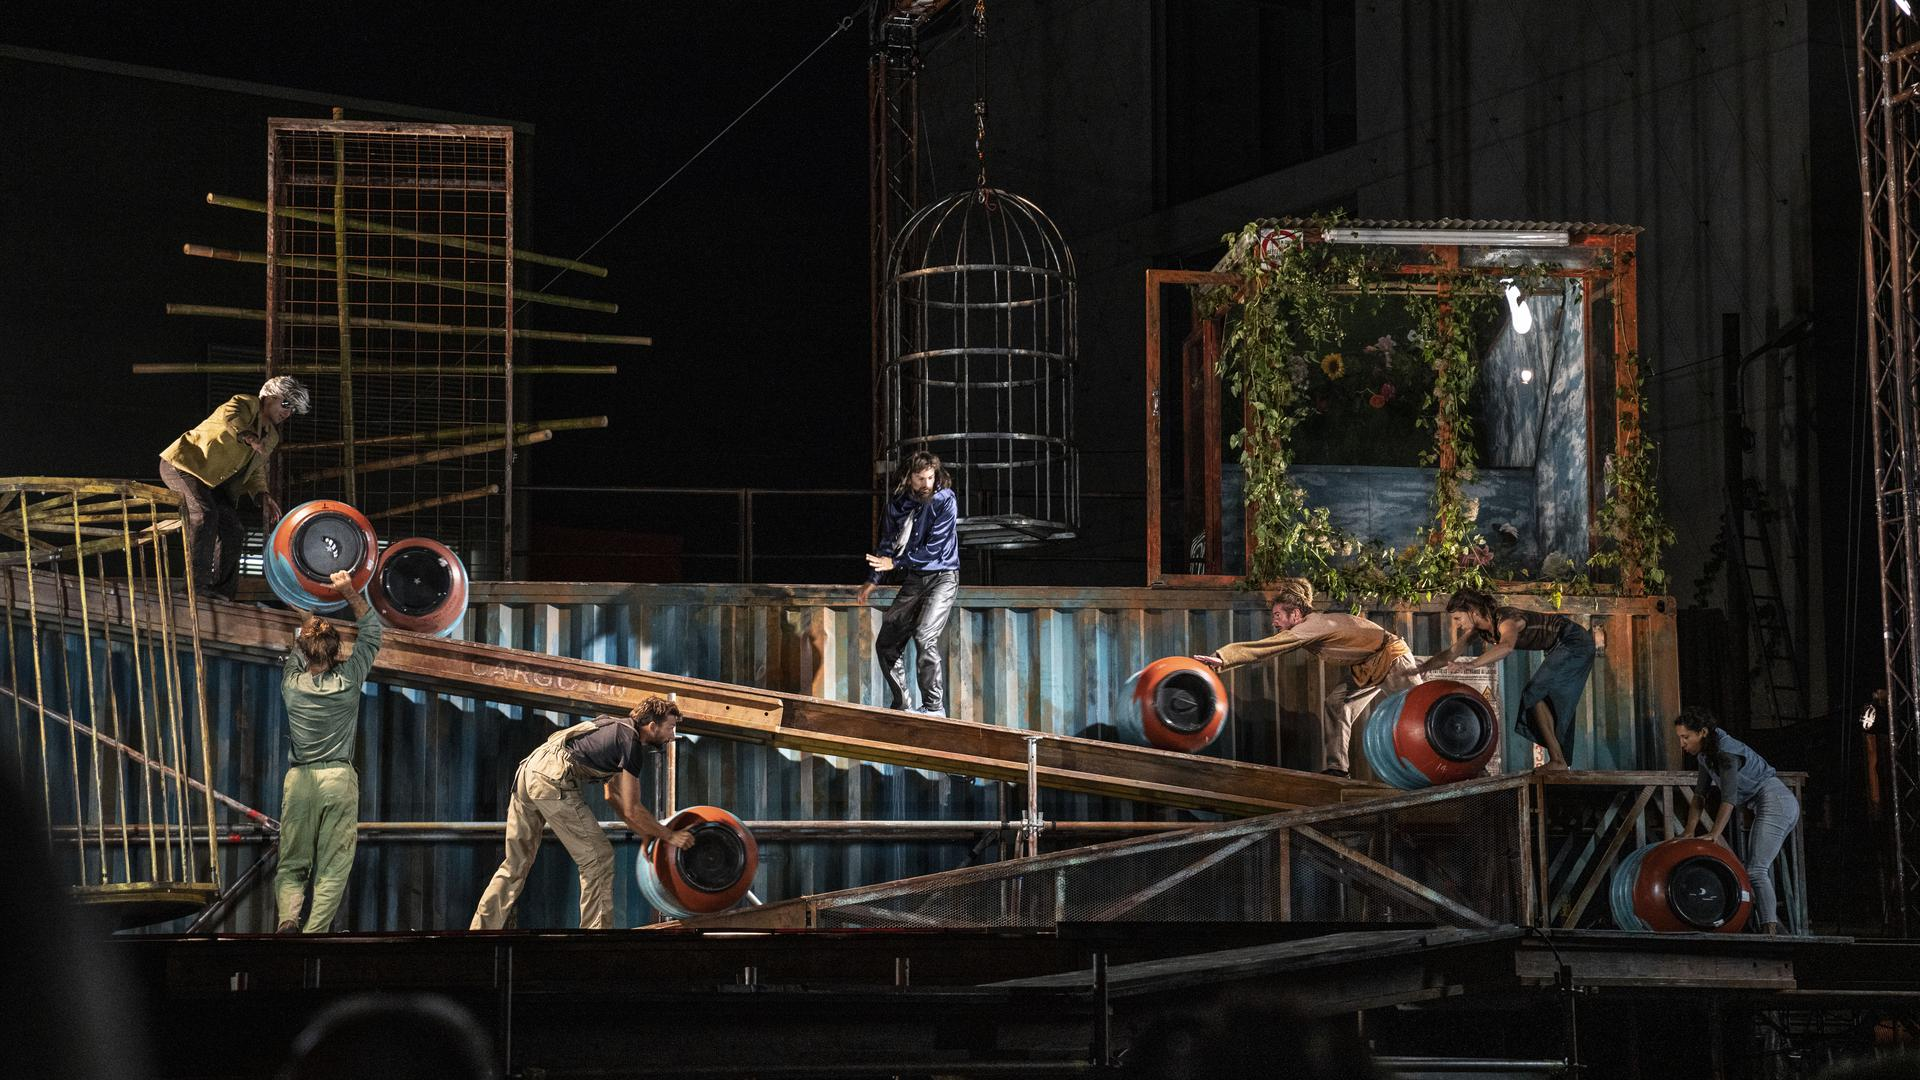 Blaue Fässer rollen über die Bühne